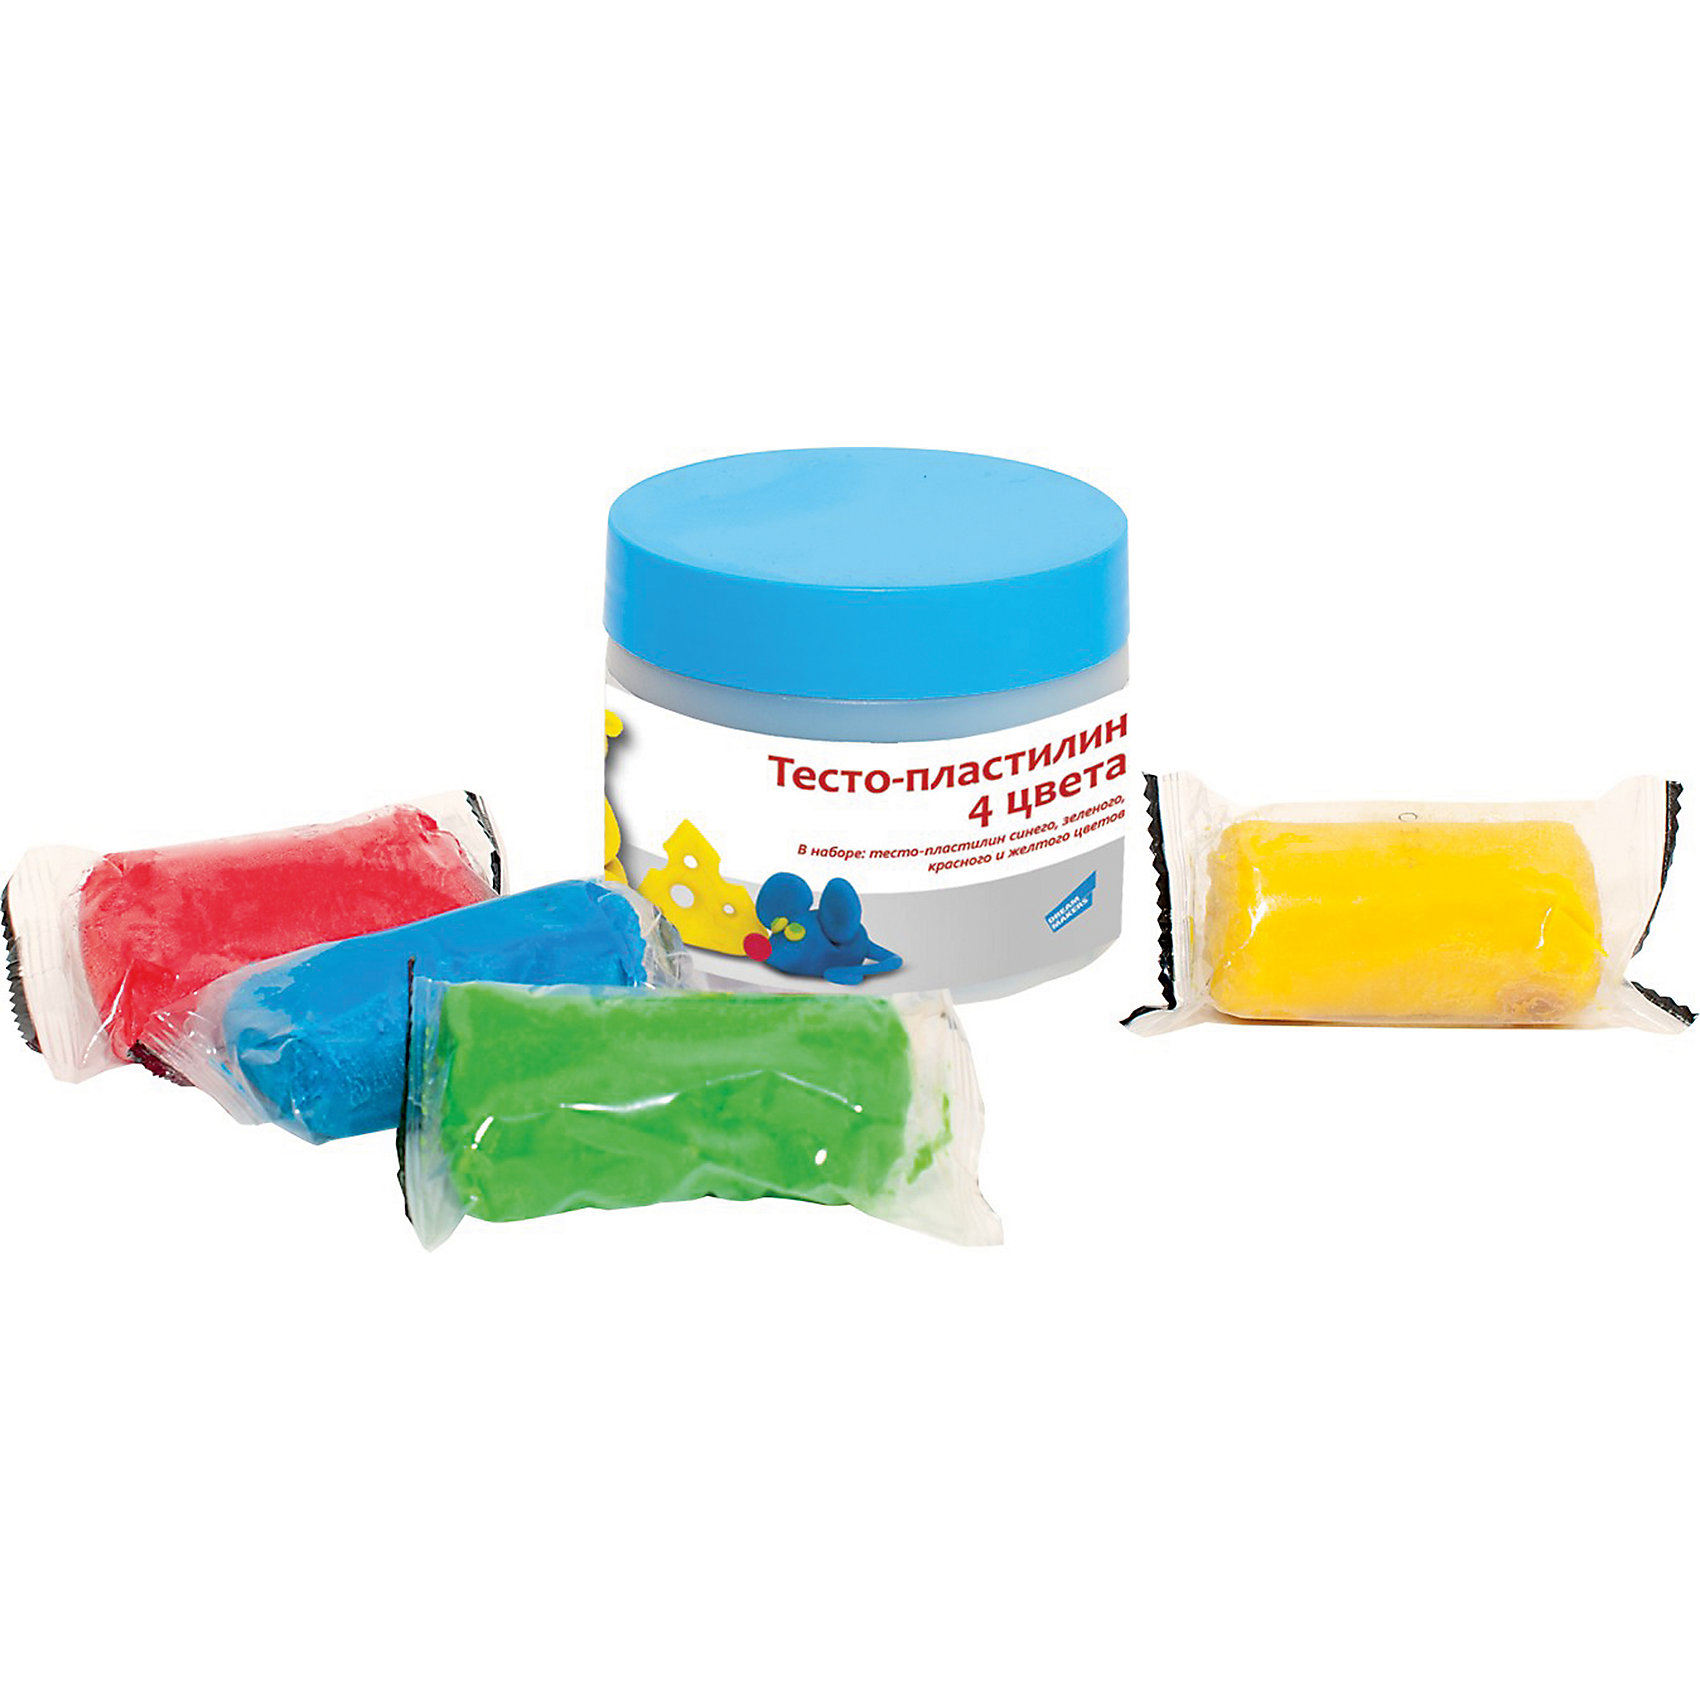 Набор для детского творчества Тесто-пластилин, 4 цветаЛепка - прекрасное занятие для организации досуга ребенка. Пластилин изготовлен из высококачественных материалов, безопасен для детей, не пачкает руки, одежду и стол, имеет яркие насыщенные цвета. Лепка идеально подходит для развития мелкой моторики, воображения и творческих способностей детей разного возраста.<br><br>Дополнительная информация:<br><br>- Материал: пластилин, пластик. <br>- Состав пластилина: мука, вода, крахмал, соль, лецитин, ароматизатор, краситель.<br>- Размер упаковки: 7,6х31х7,8 см.<br>- В комплекте: пластилин (4 баночки, по 50 гр.)<br>- Цвет пластилина: синий, зеленый, красный, желтый.<br><br>Мини-набор для лепки Тесто-пластилин, 4 цвета, можно купить в нашем магазине.<br><br>Ширина мм: 85<br>Глубина мм: 85<br>Высота мм: 70<br>Вес г: 260<br>Возраст от месяцев: 36<br>Возраст до месяцев: 120<br>Пол: Унисекс<br>Возраст: Детский<br>SKU: 4222234